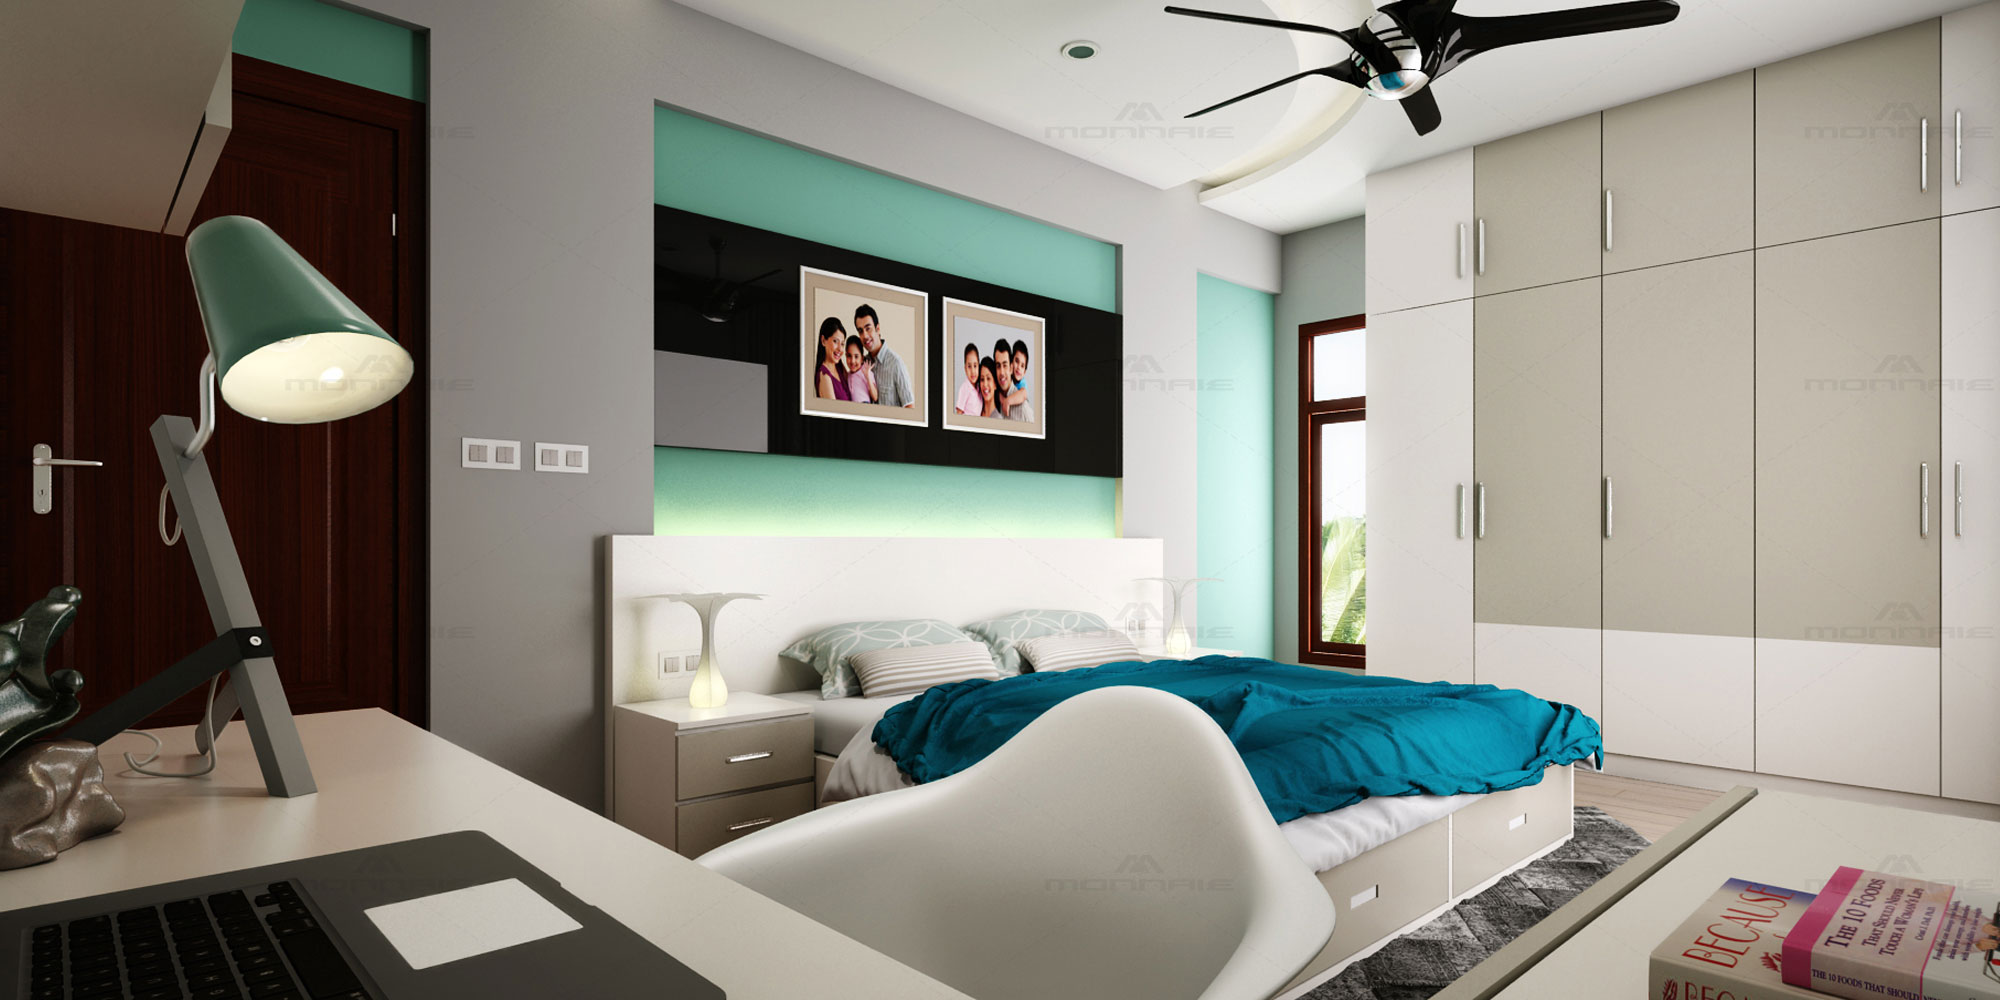 Bedroom interior designers in Kerala